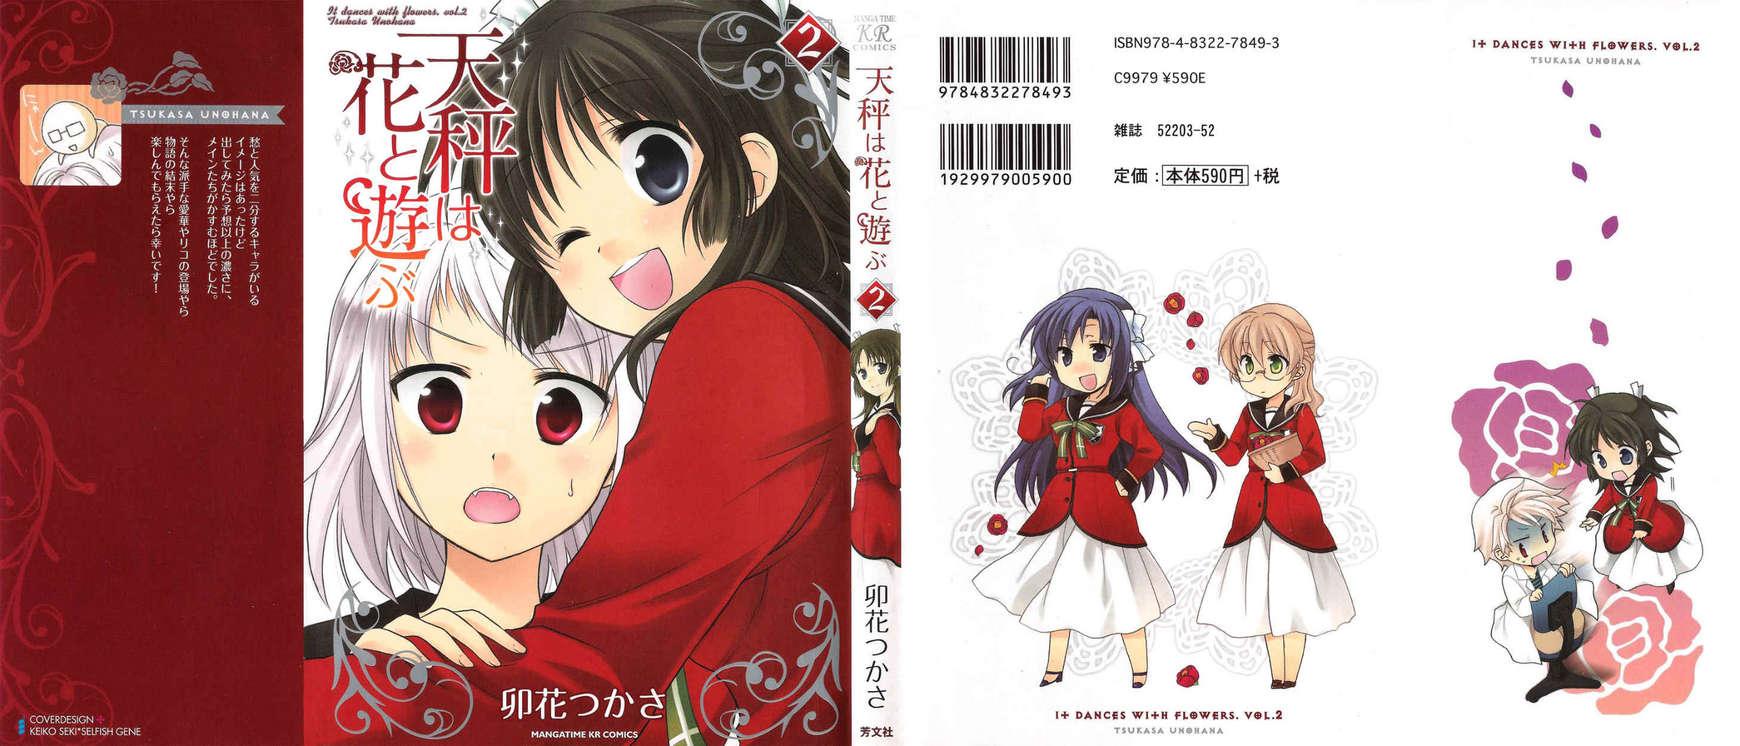 Tenbin wa Hana to Asobu 7 Page 1